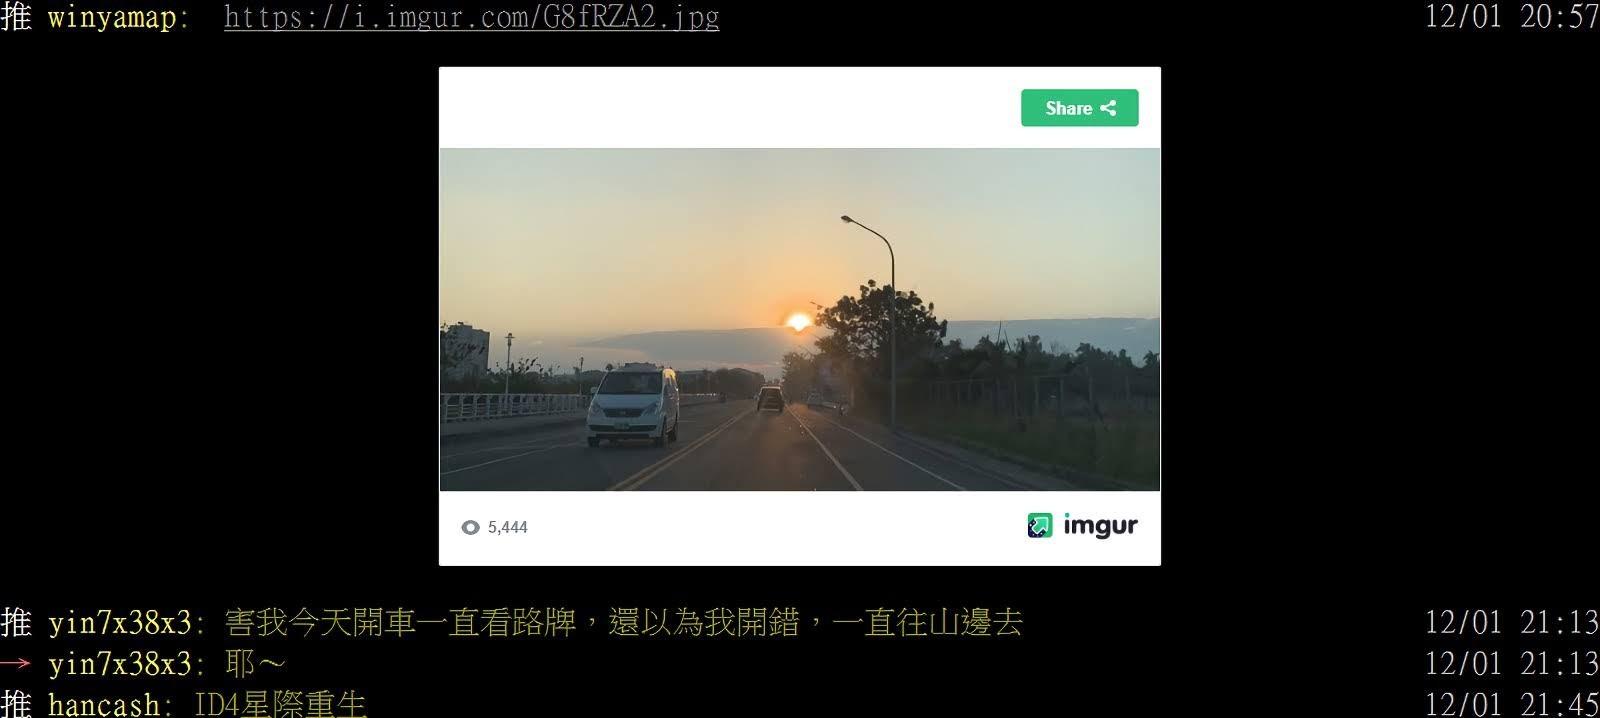 海裏怎麼會有山?台南出現天空出現邊緣整齊、筆直的雲|鄉民戲稱:ID4外星船入侵,快逃啊!